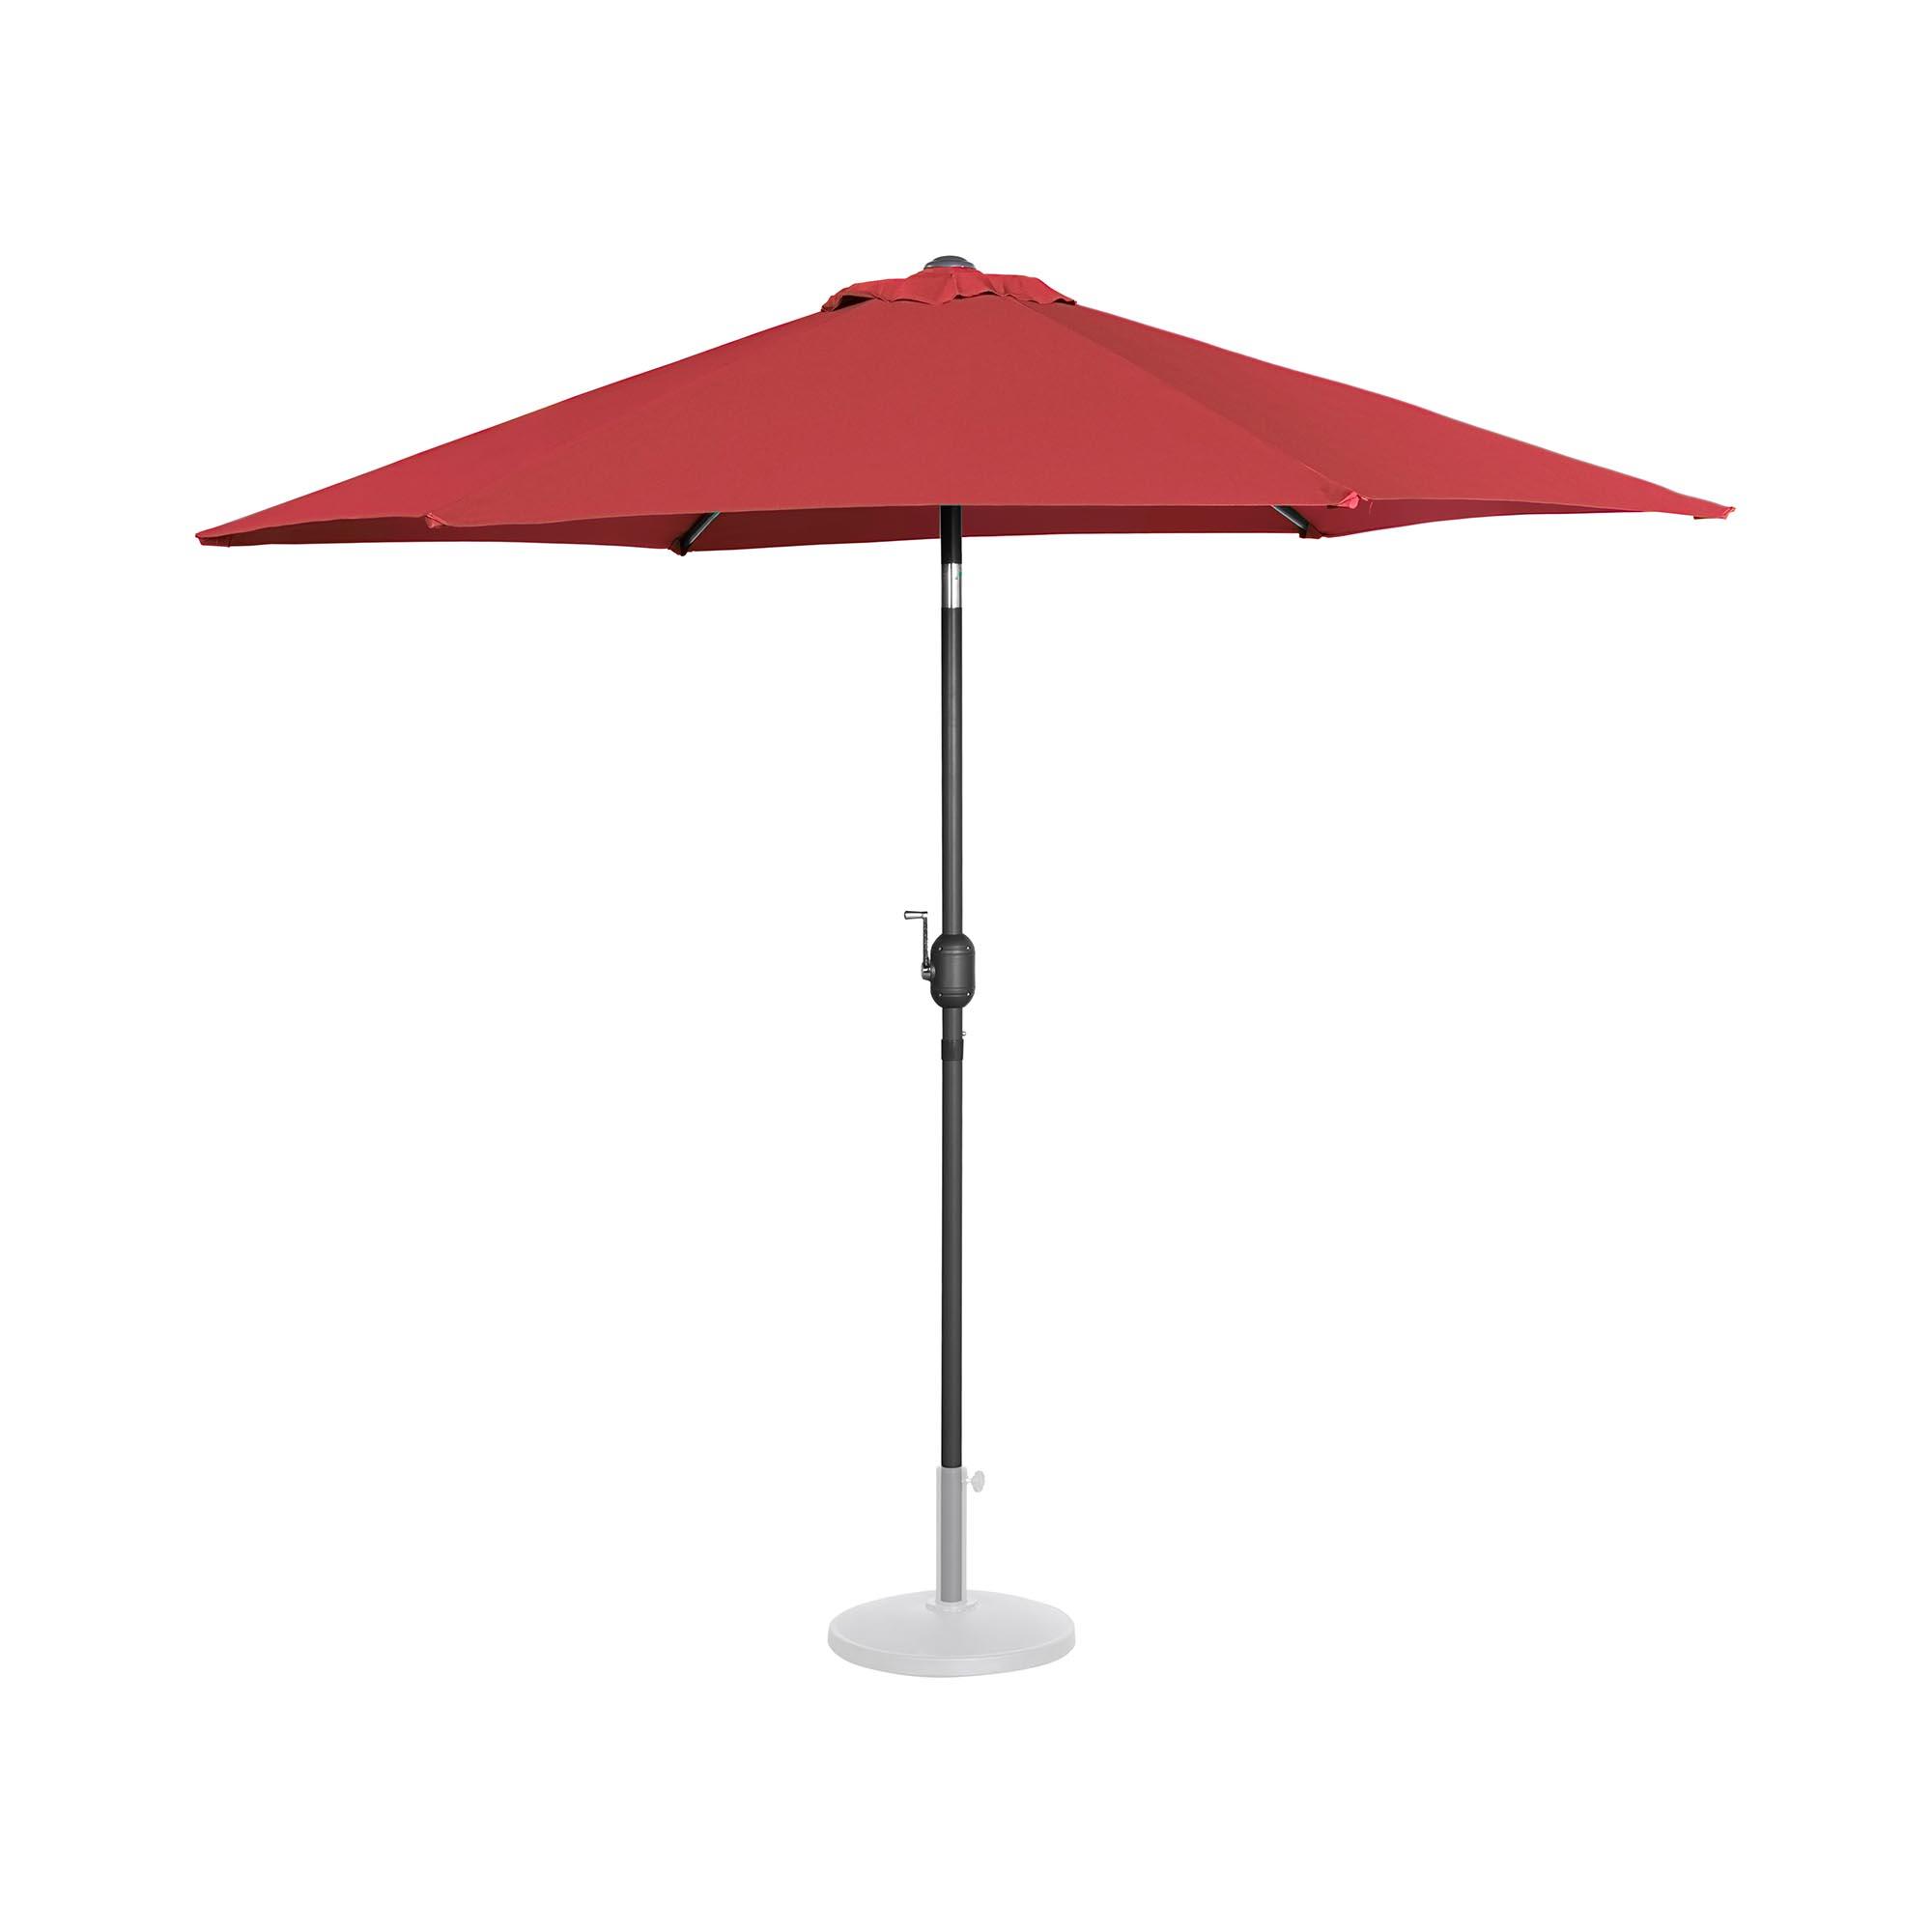 Uniprodo Sonnenschirm groß - bordeaux - sechseckig - Ø 270 cm - neigbar 10250144